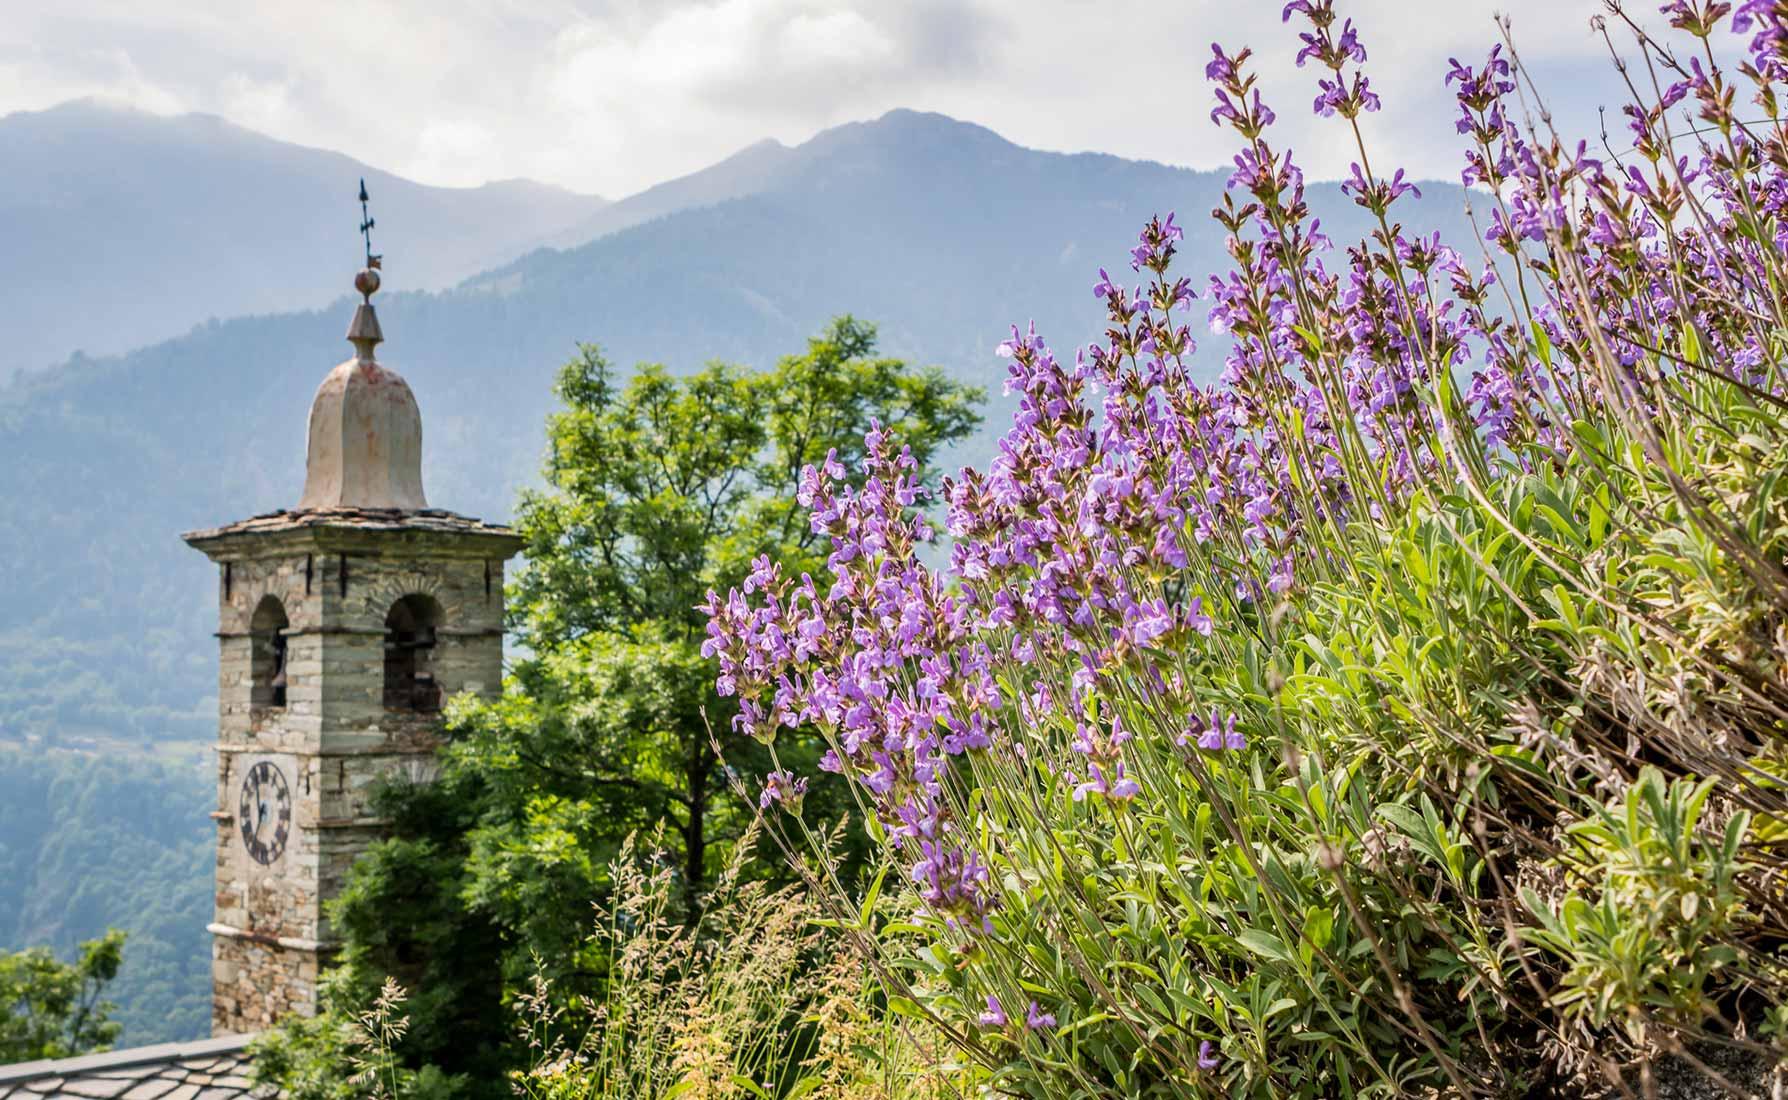 La Cappella di Pillaz segna l'inizio dell'Itinerario dello Spirito verso Oropa